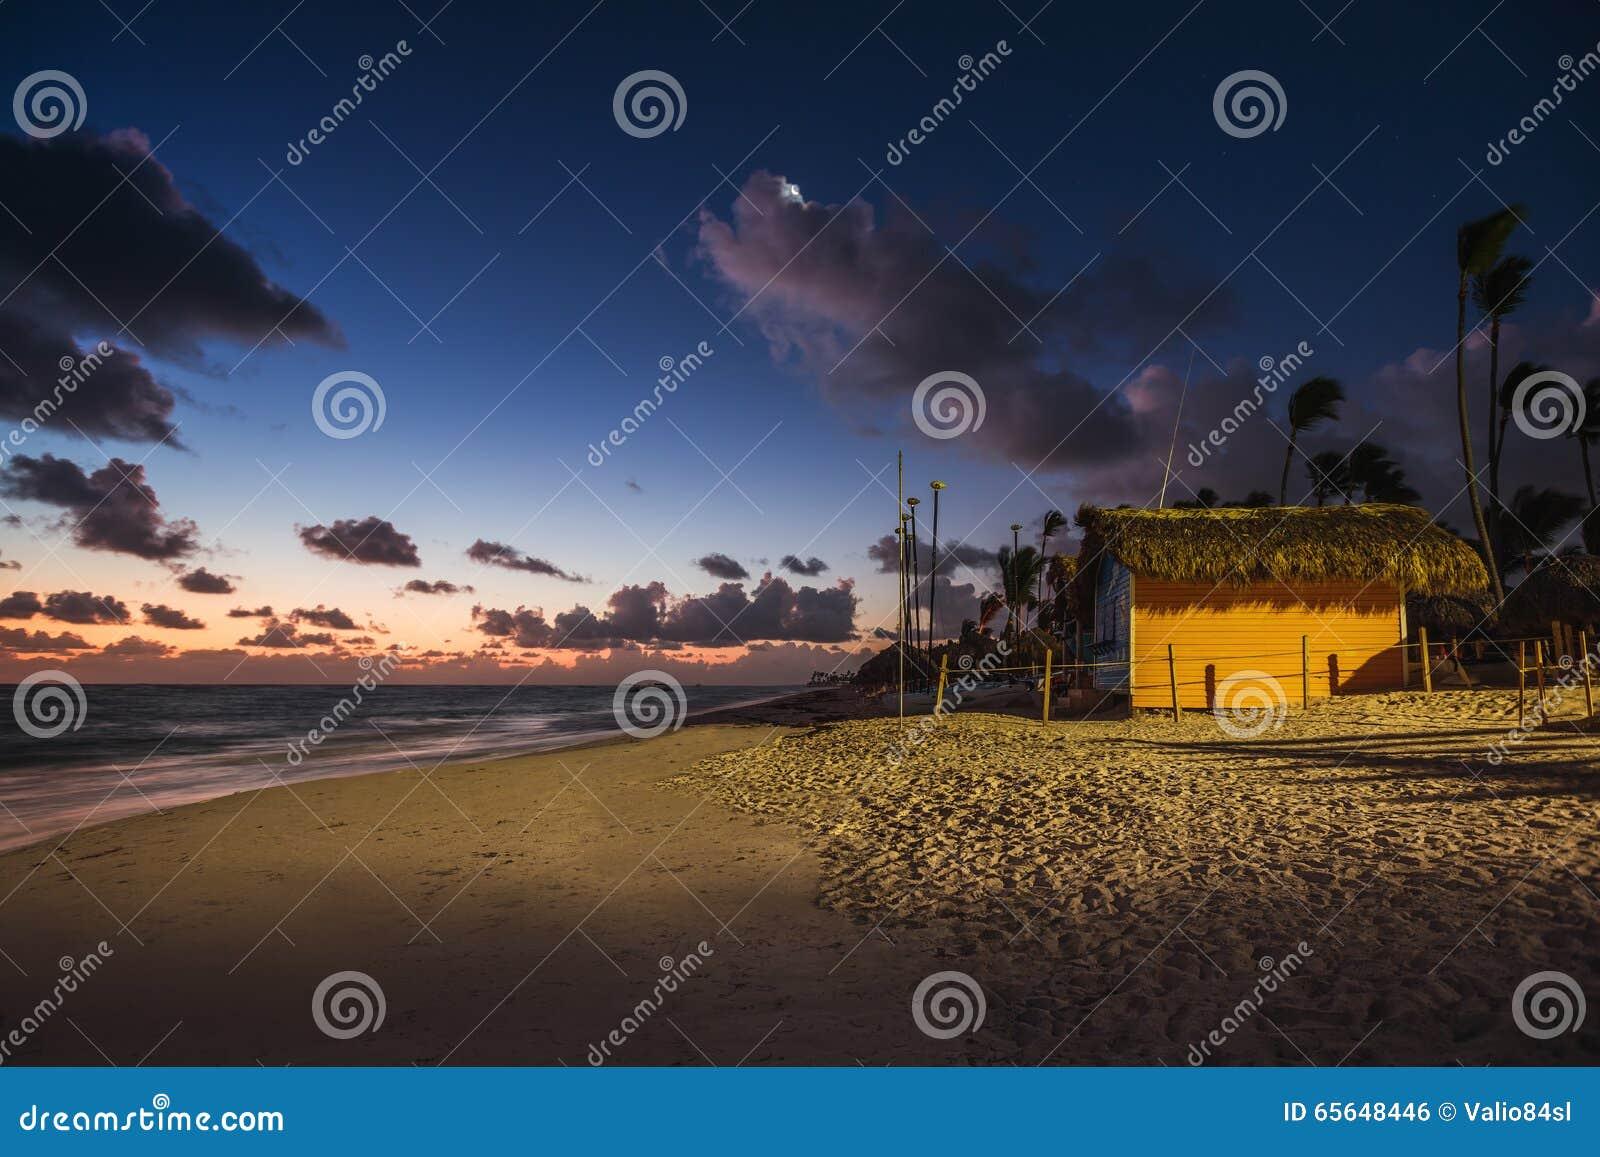 Lever de soleil mystique avec la lune et les étoiles au-dessus de la plage sablonneuse dans Punta